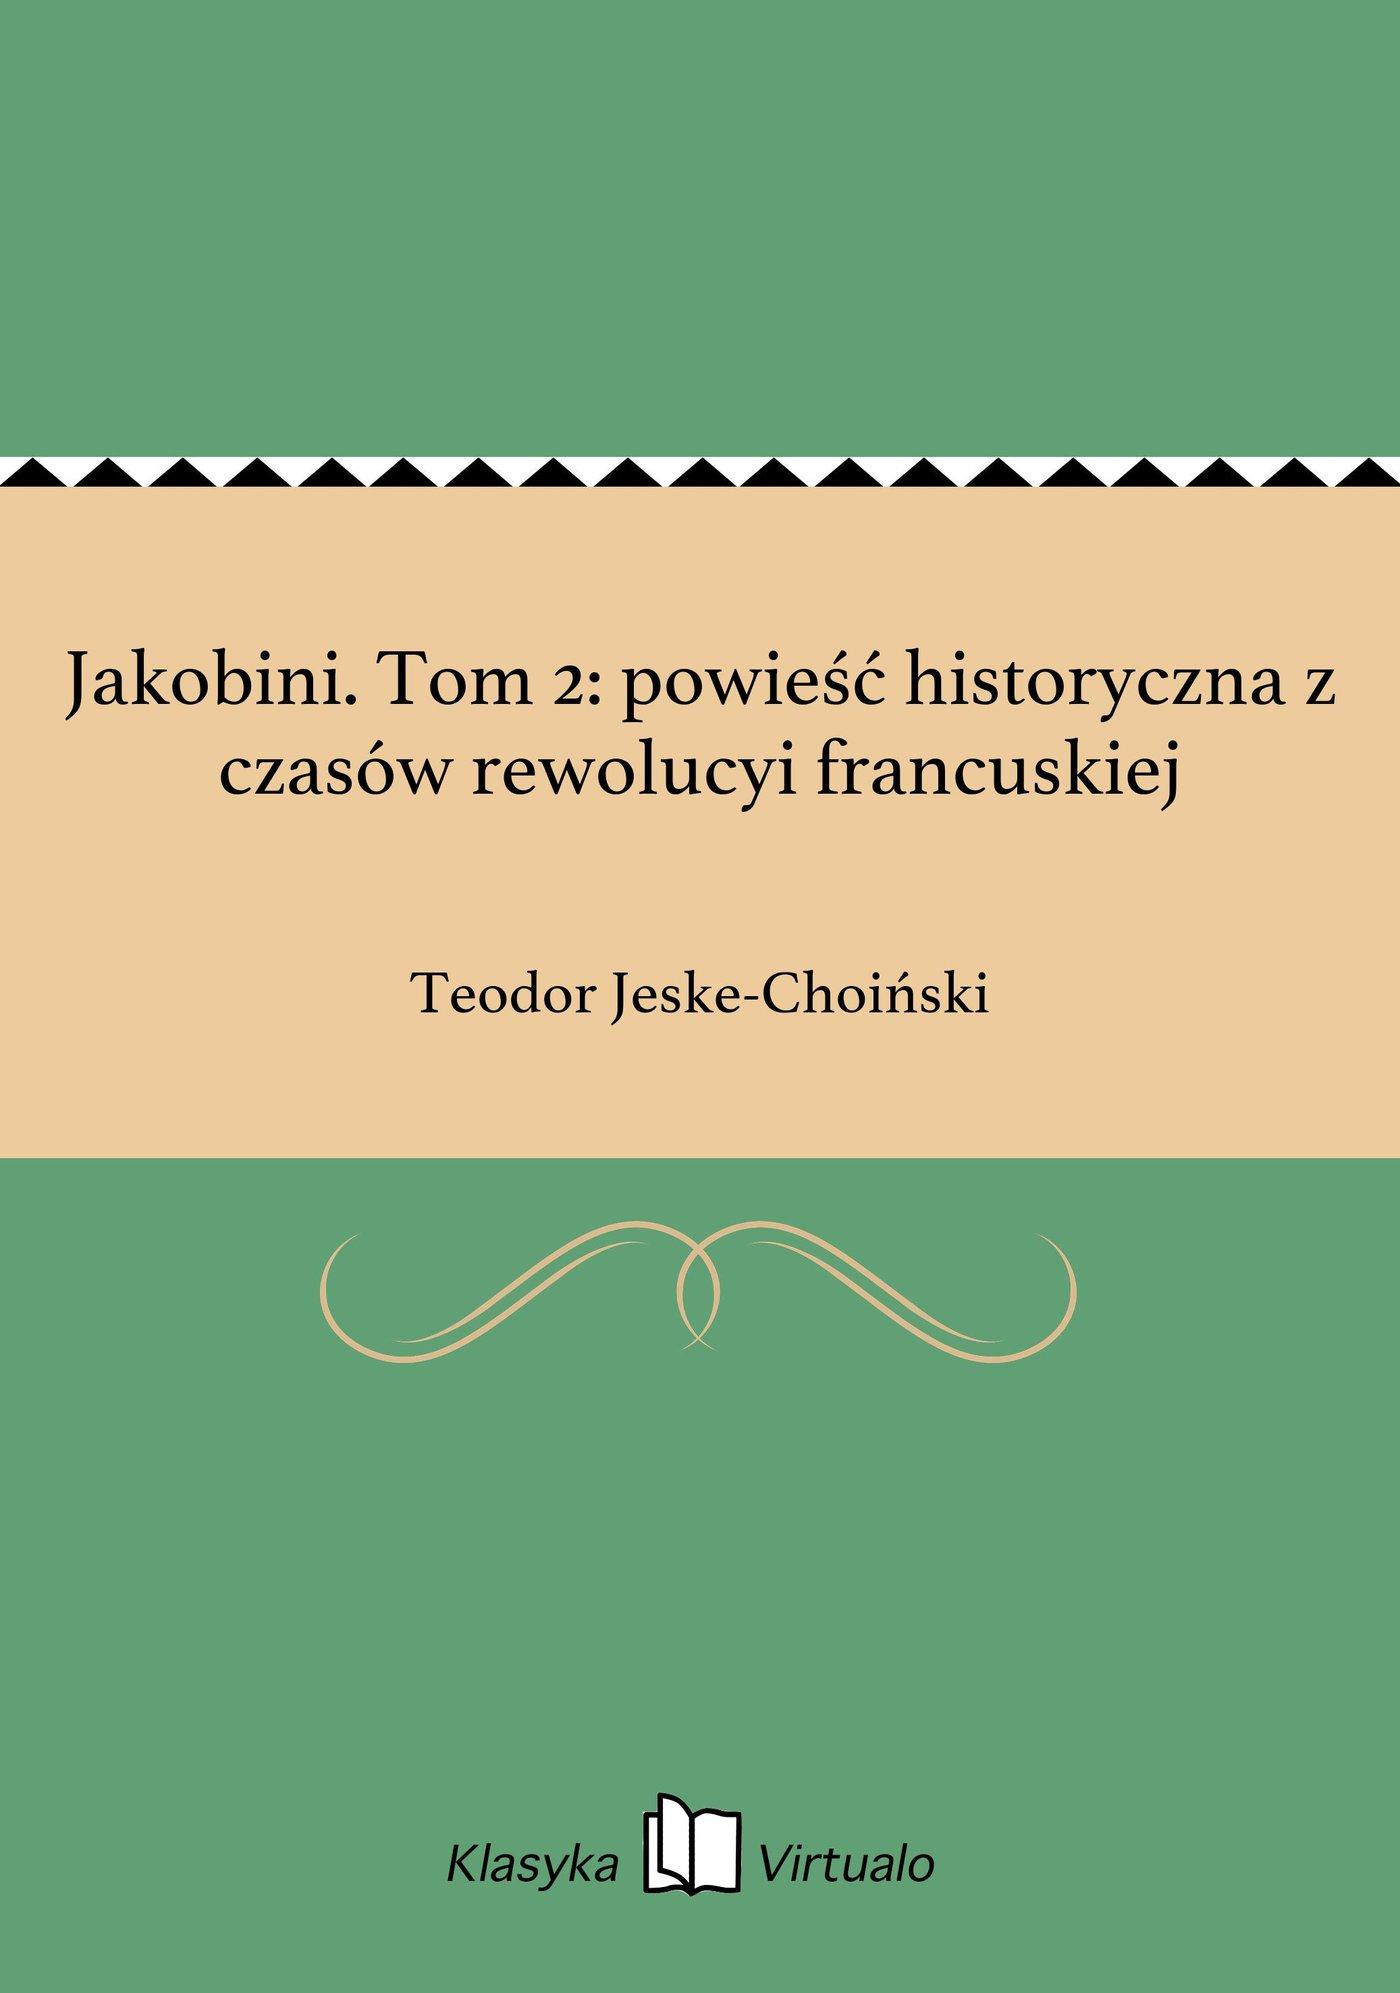 Jakobini. Tom 2: powieść historyczna z czasów rewolucyi francuskiej - Ebook (Książka EPUB) do pobrania w formacie EPUB